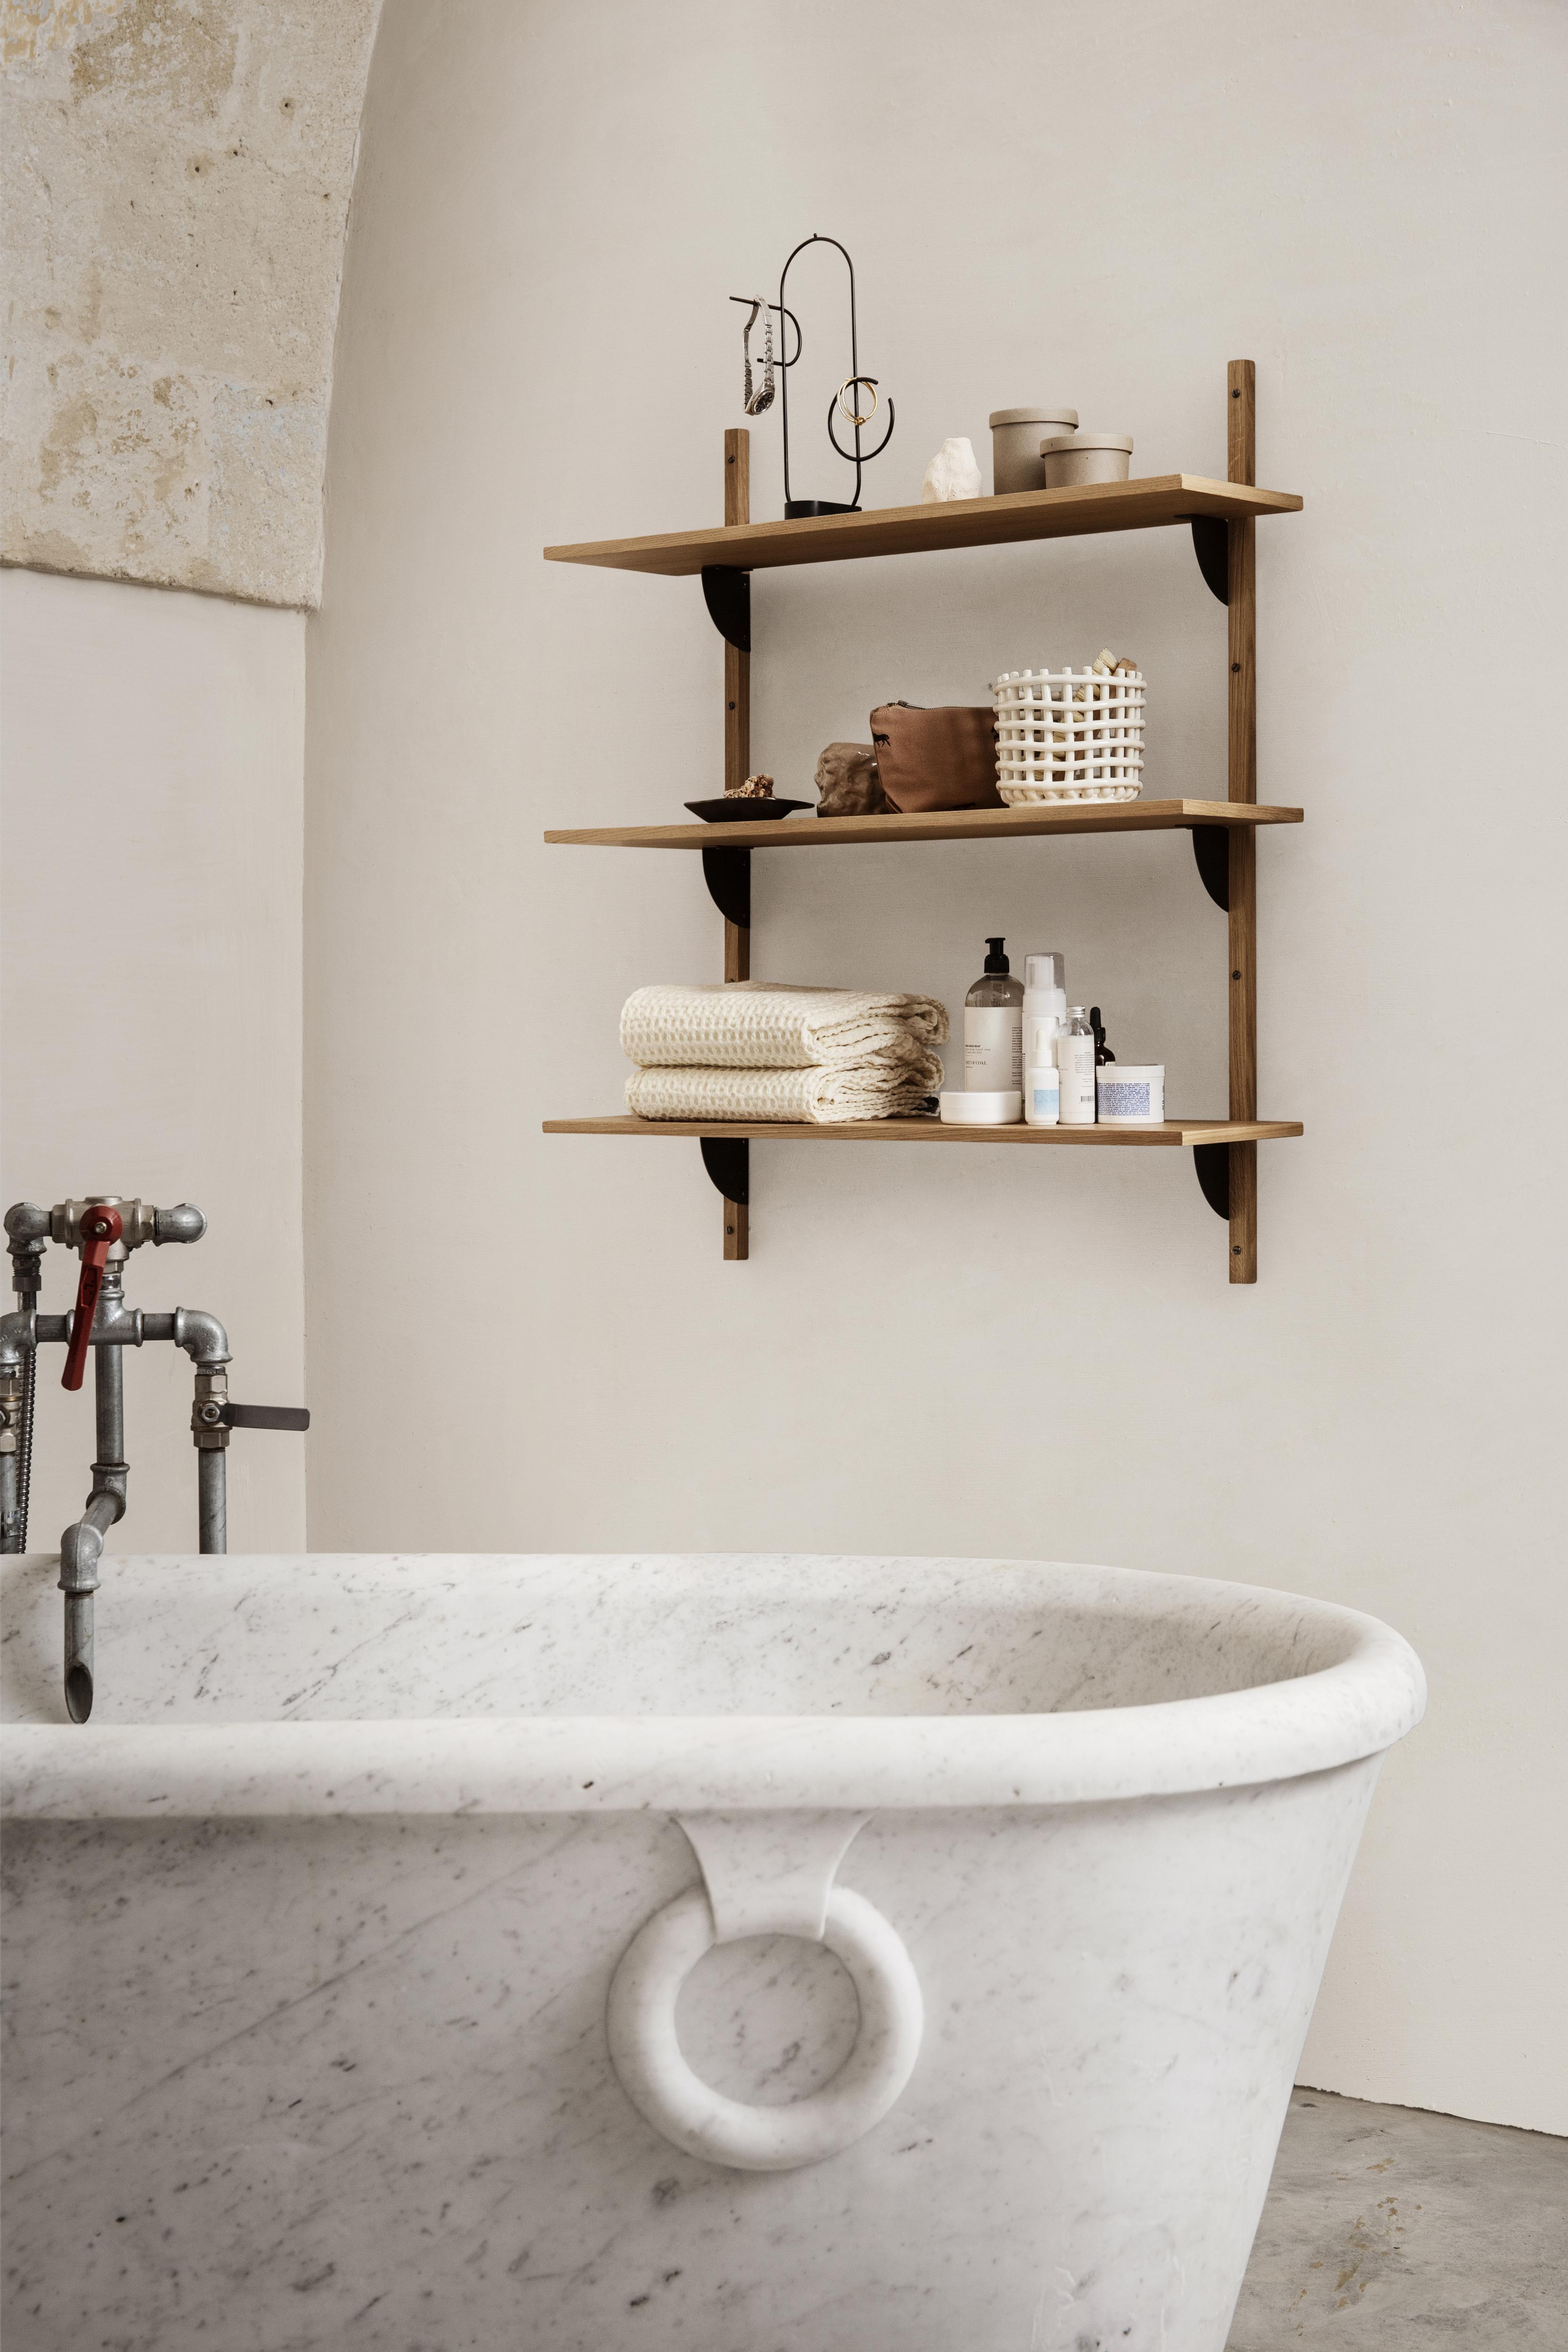 Bathroom Shelving Ideas 22 Stylish, Shelf In Bathroom Ideas